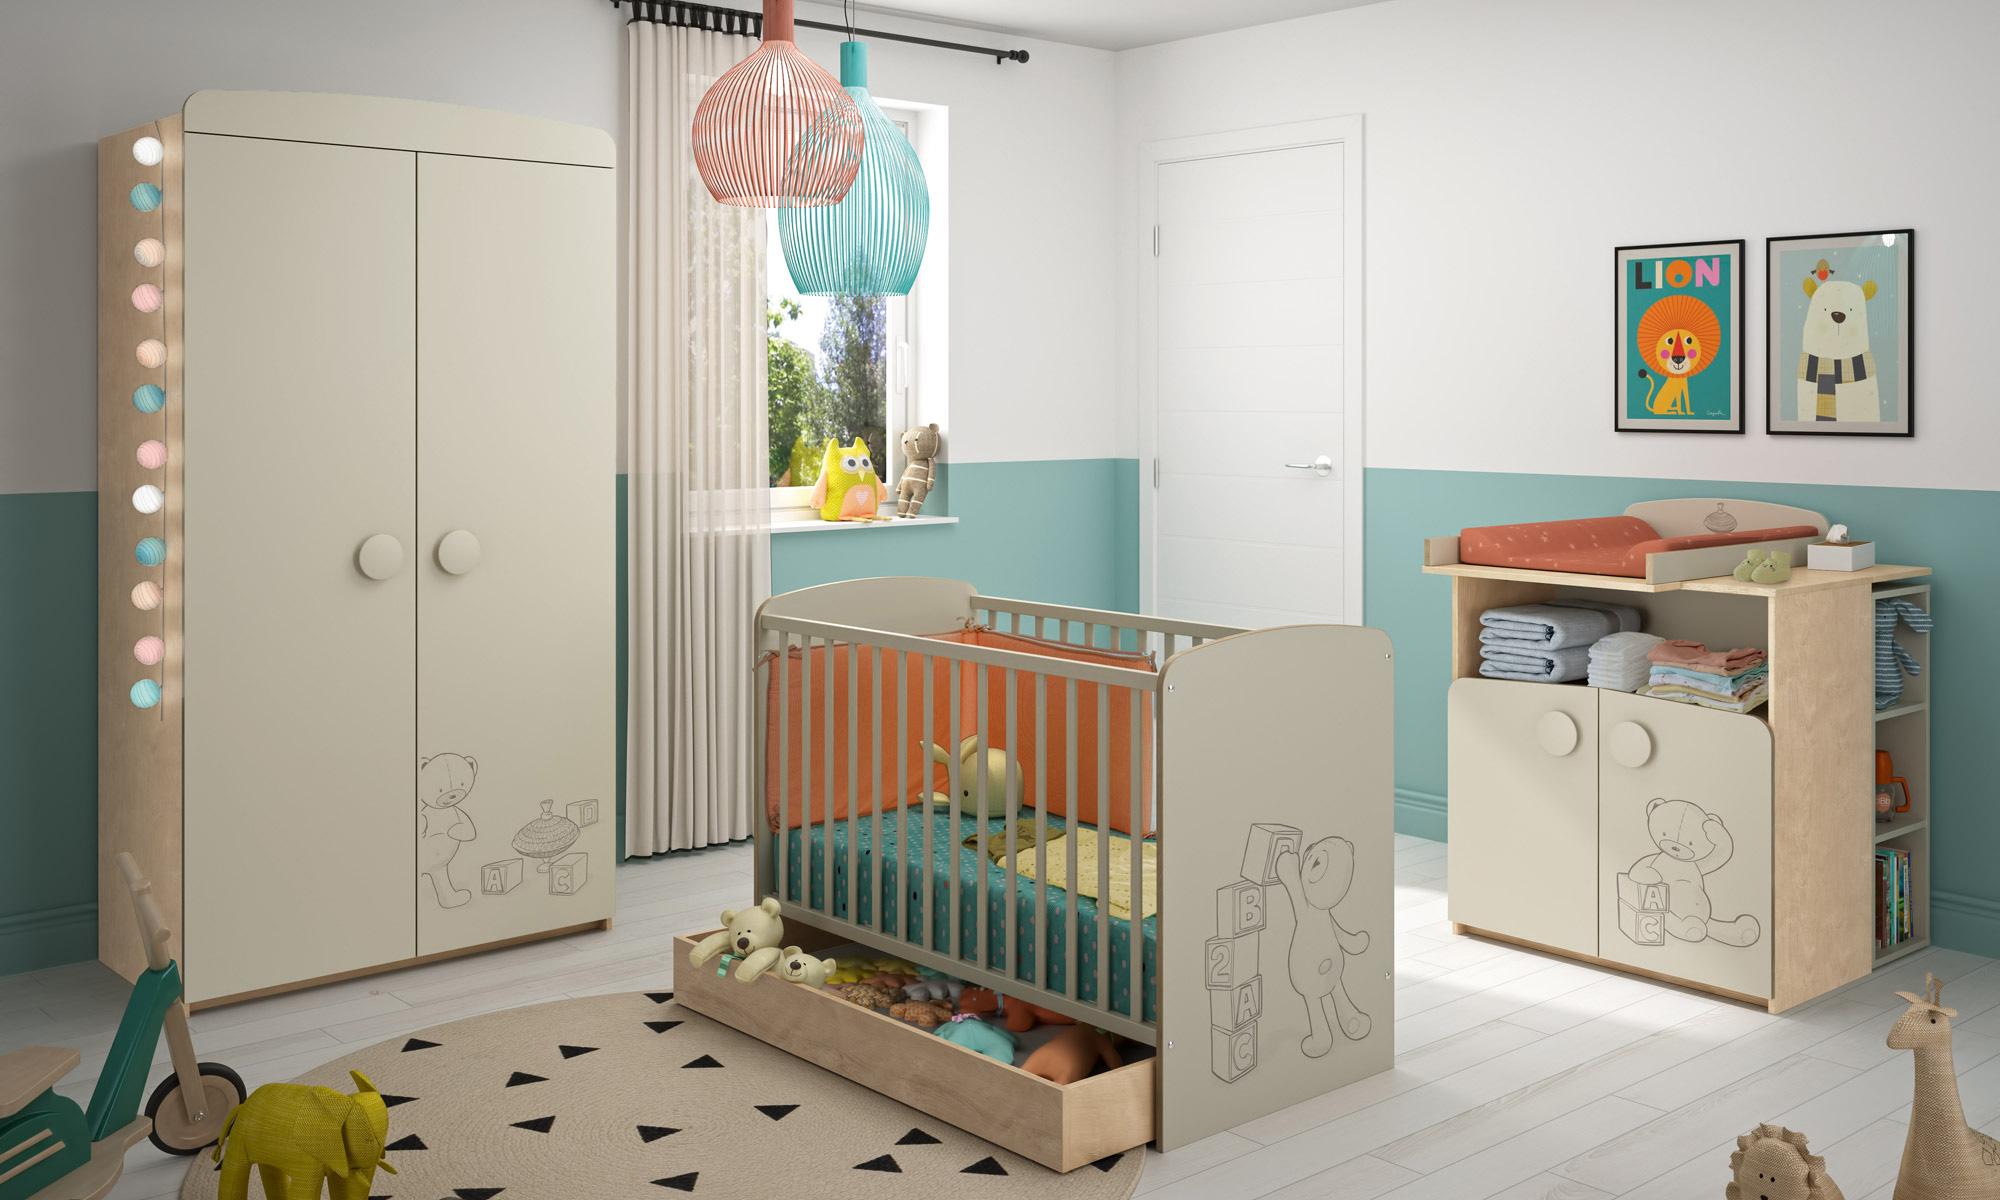 Chambre Bébé Winnie L Ourson Sauthon : Chambres bois pour bébé découvrez nos collections